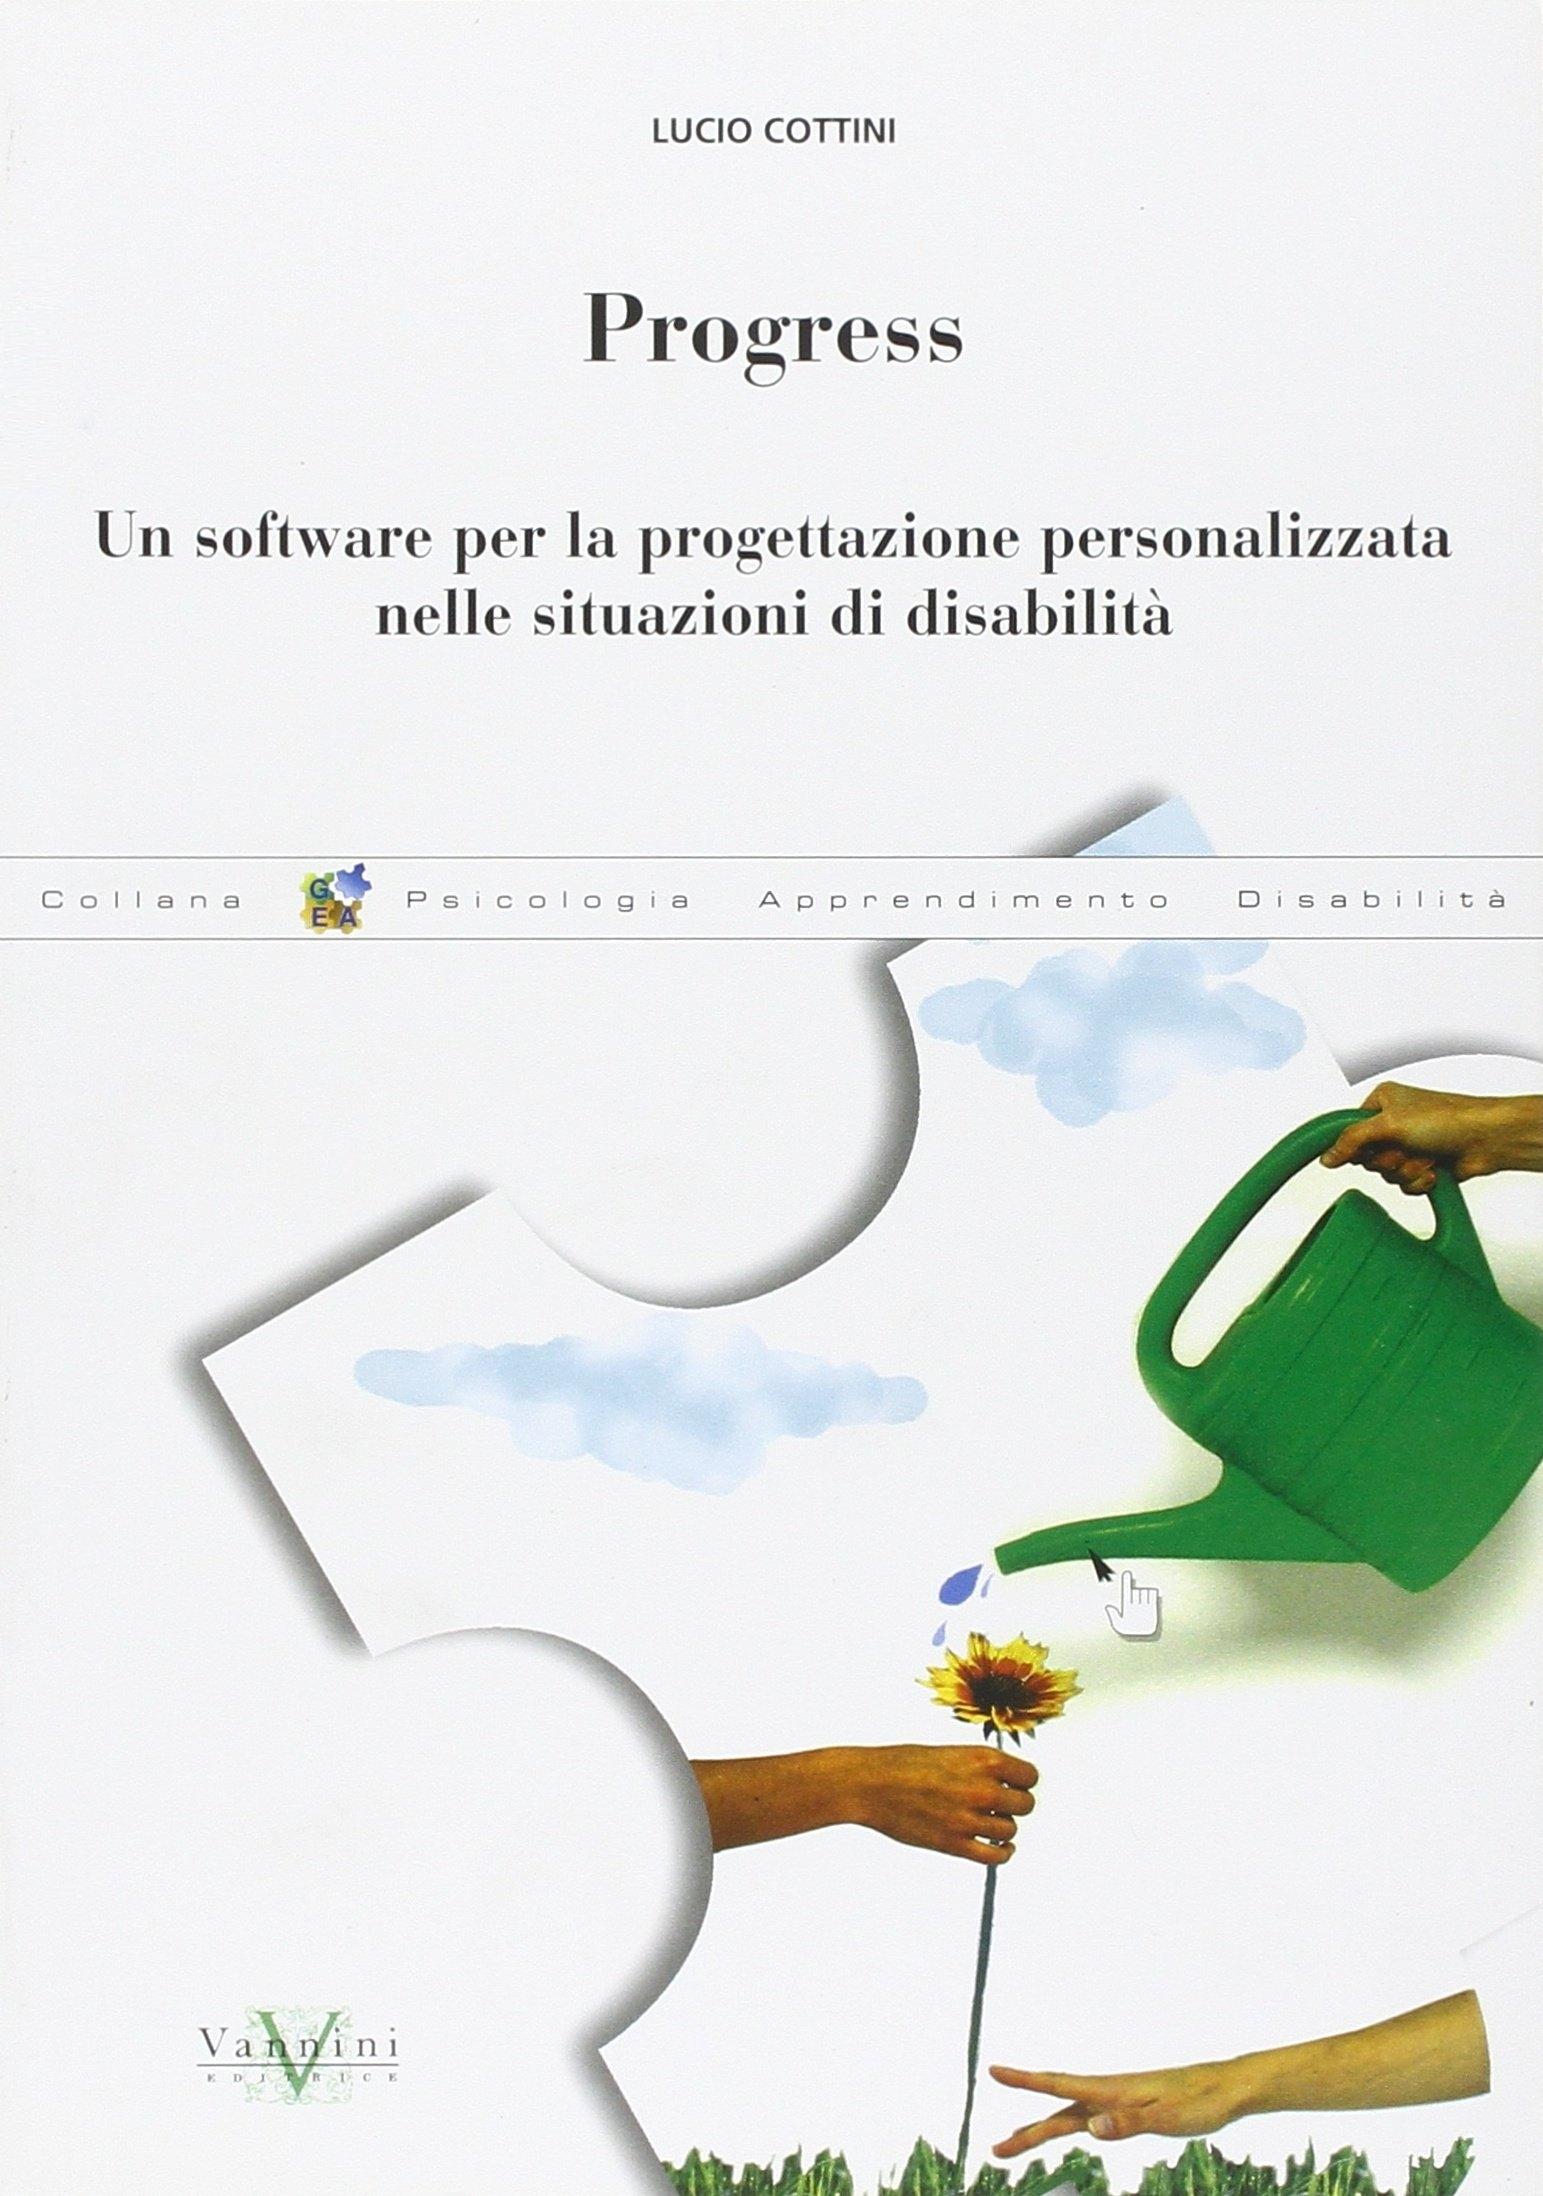 Progress. Un software per la progettazione personalizzata nelle situazioni di disabilità